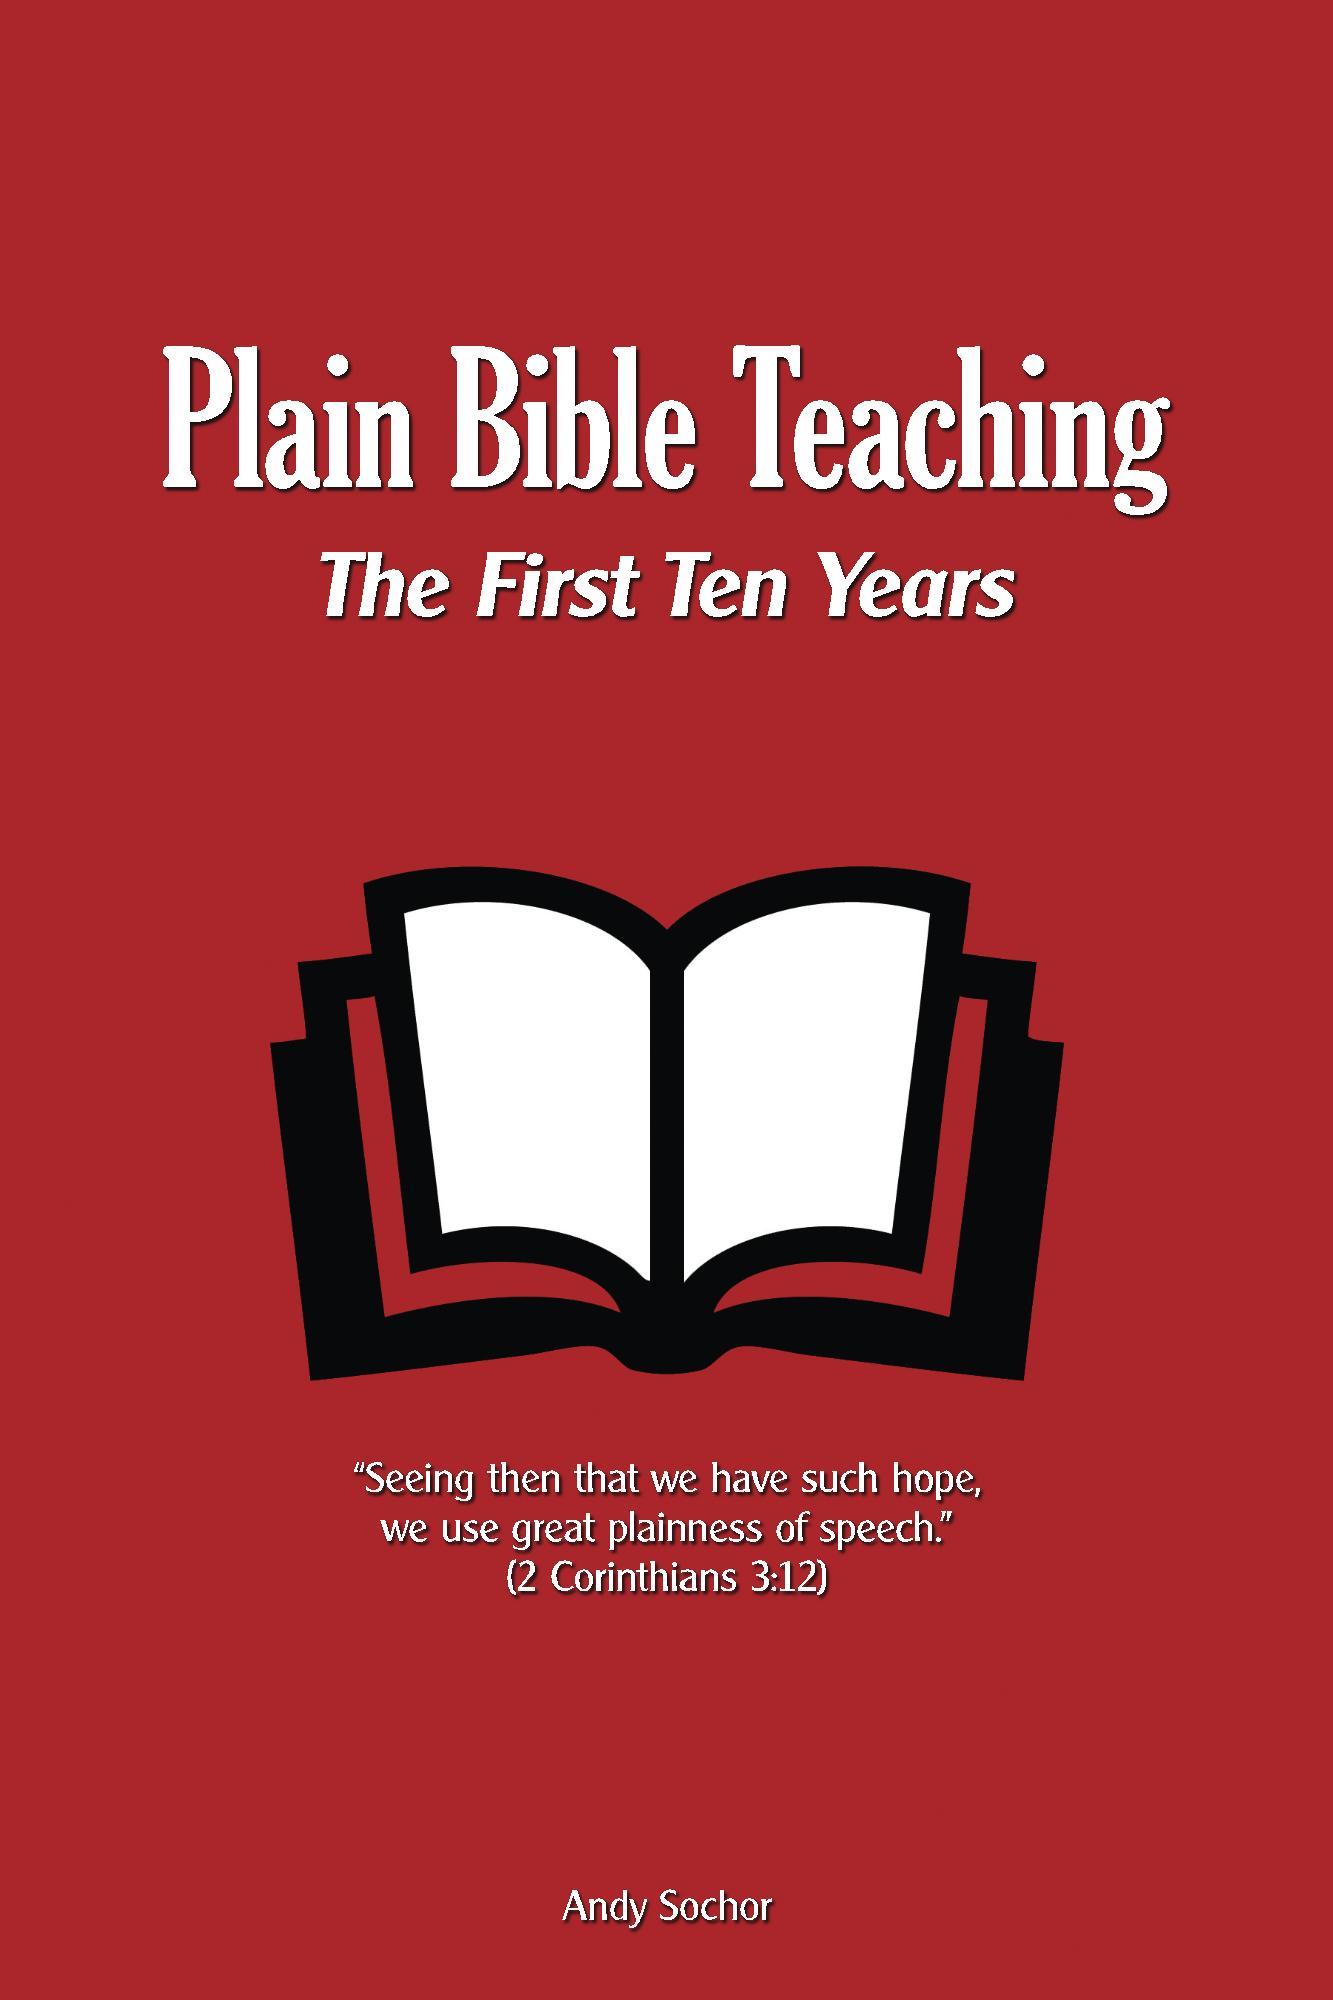 Plain Bible Teaching: The First Ten Years